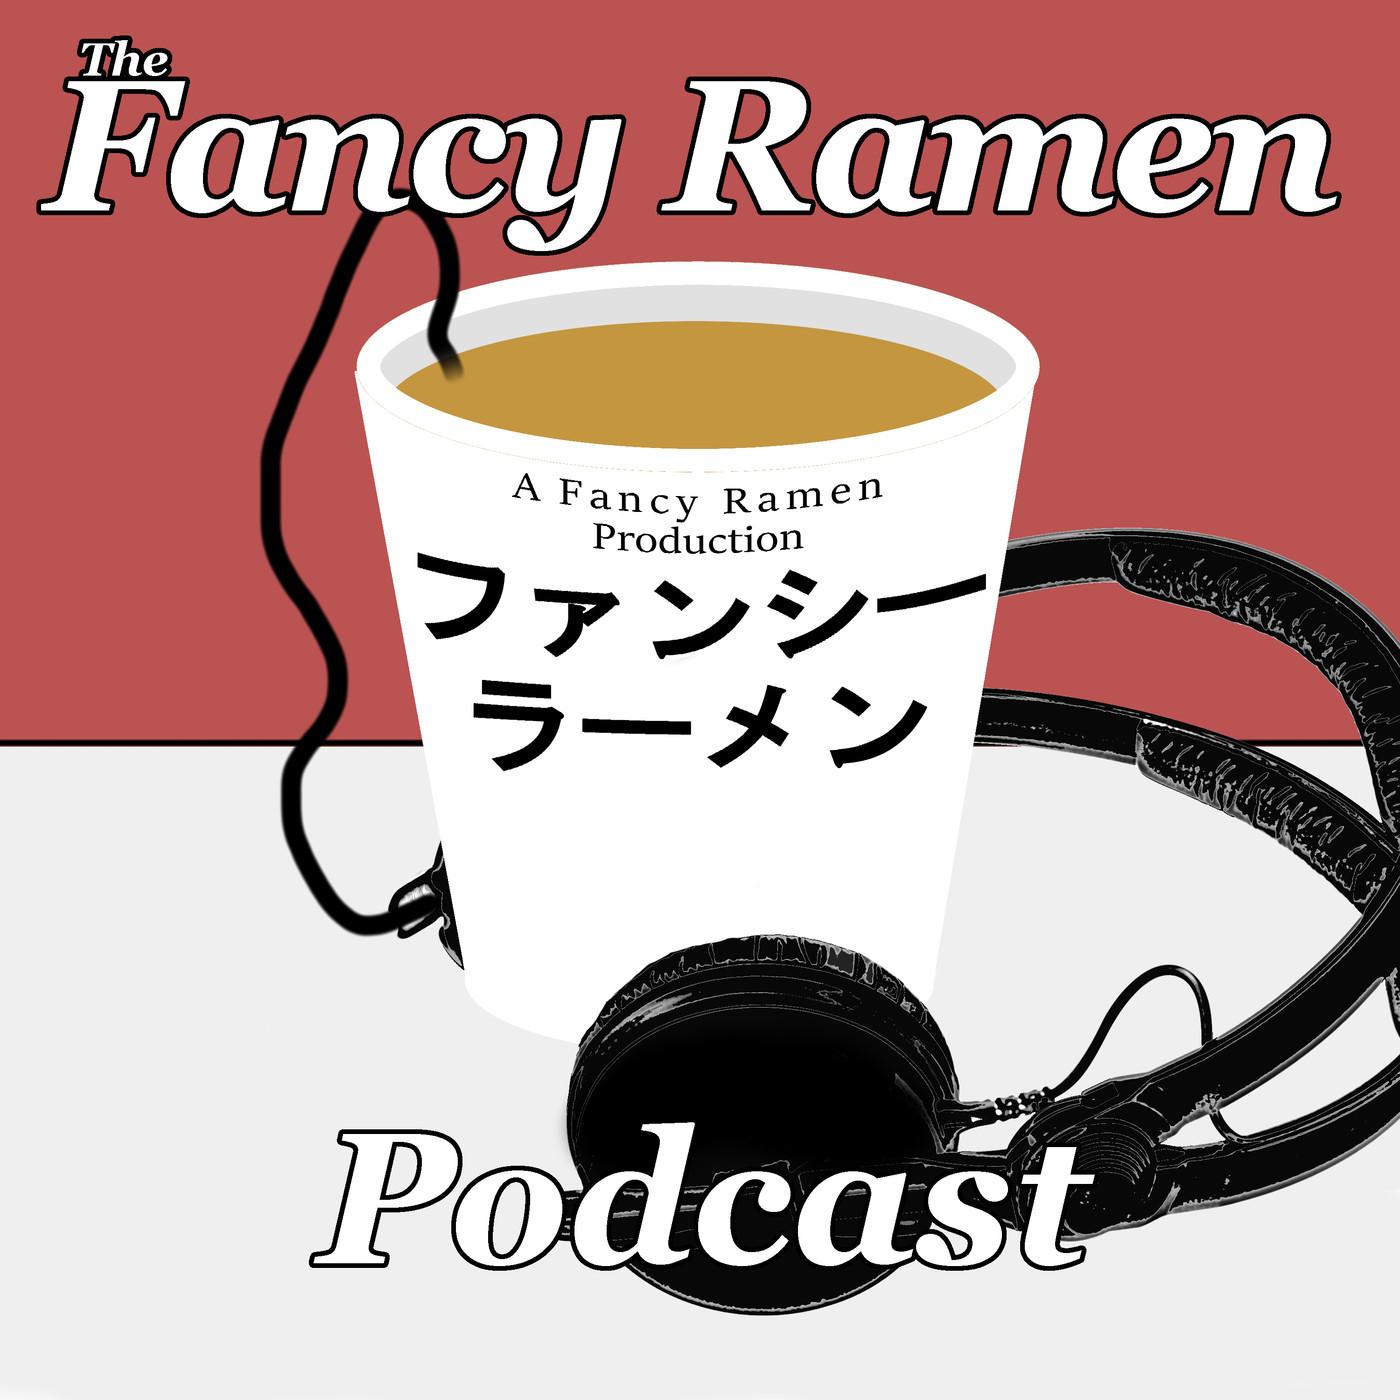 The Fancy Ramen Podcast